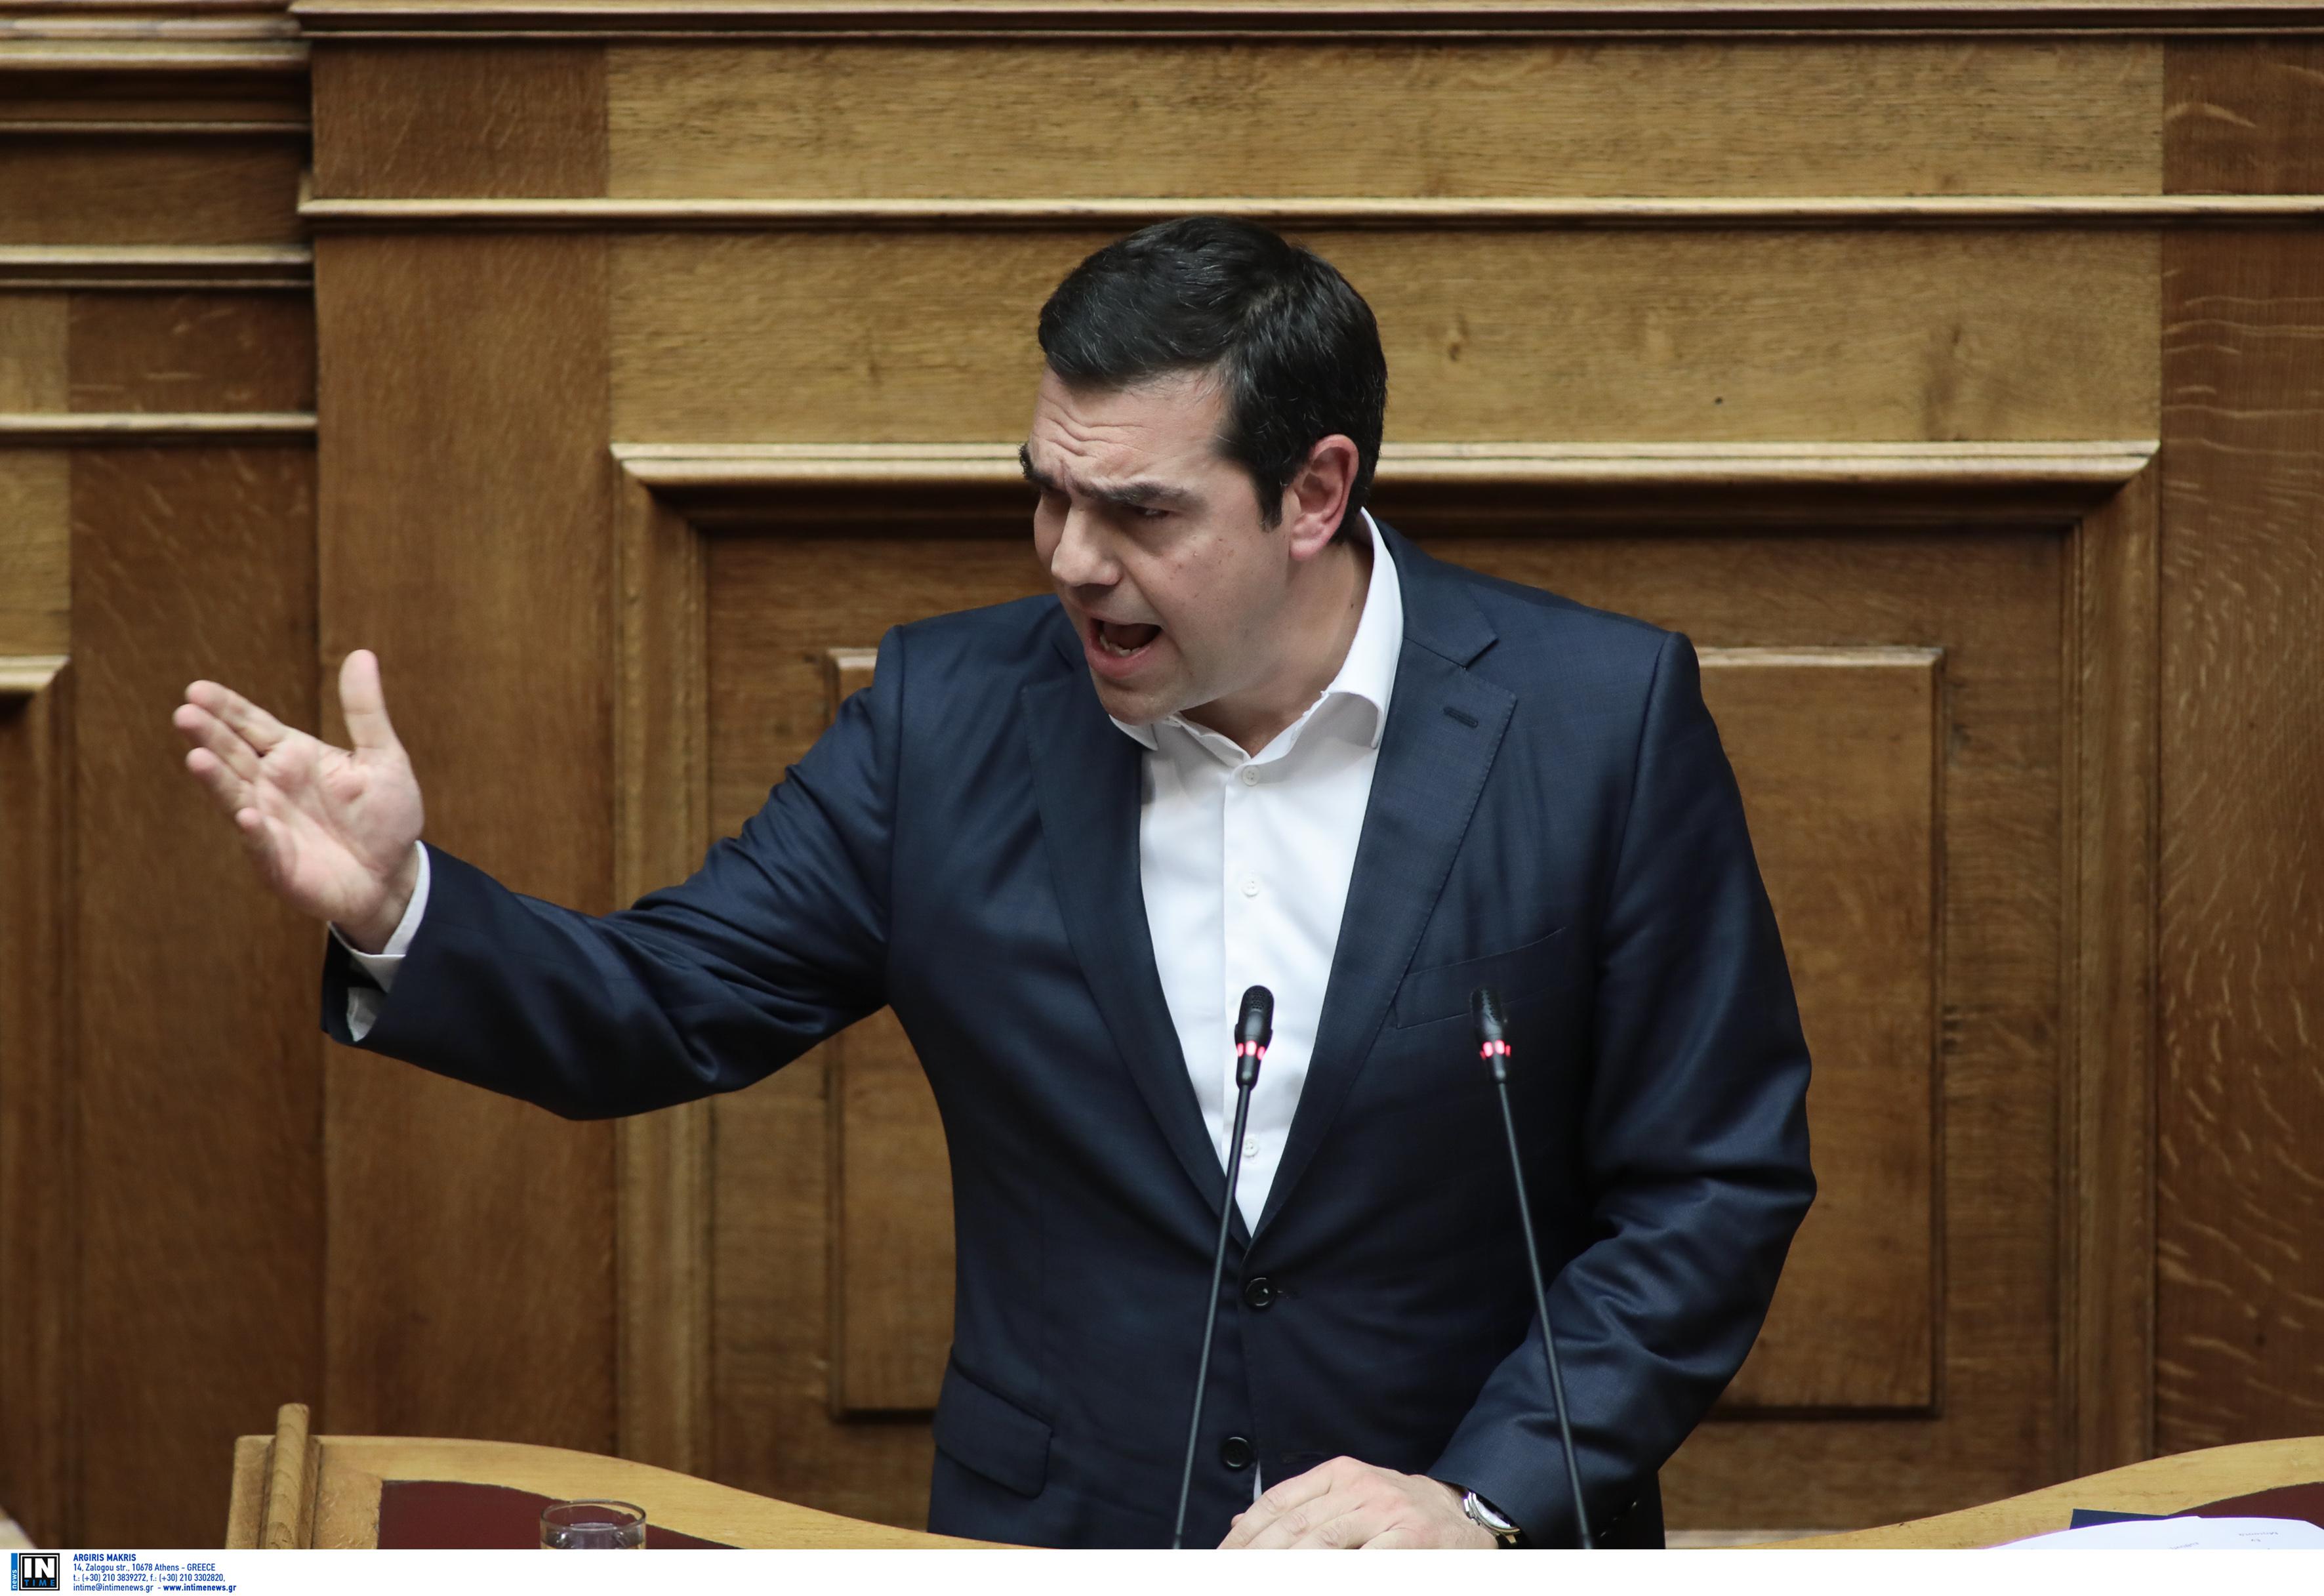 Φουλ ελληνοτουρκικά στην ομιλία Τσίπρα για την ψήφο των αποδήμων